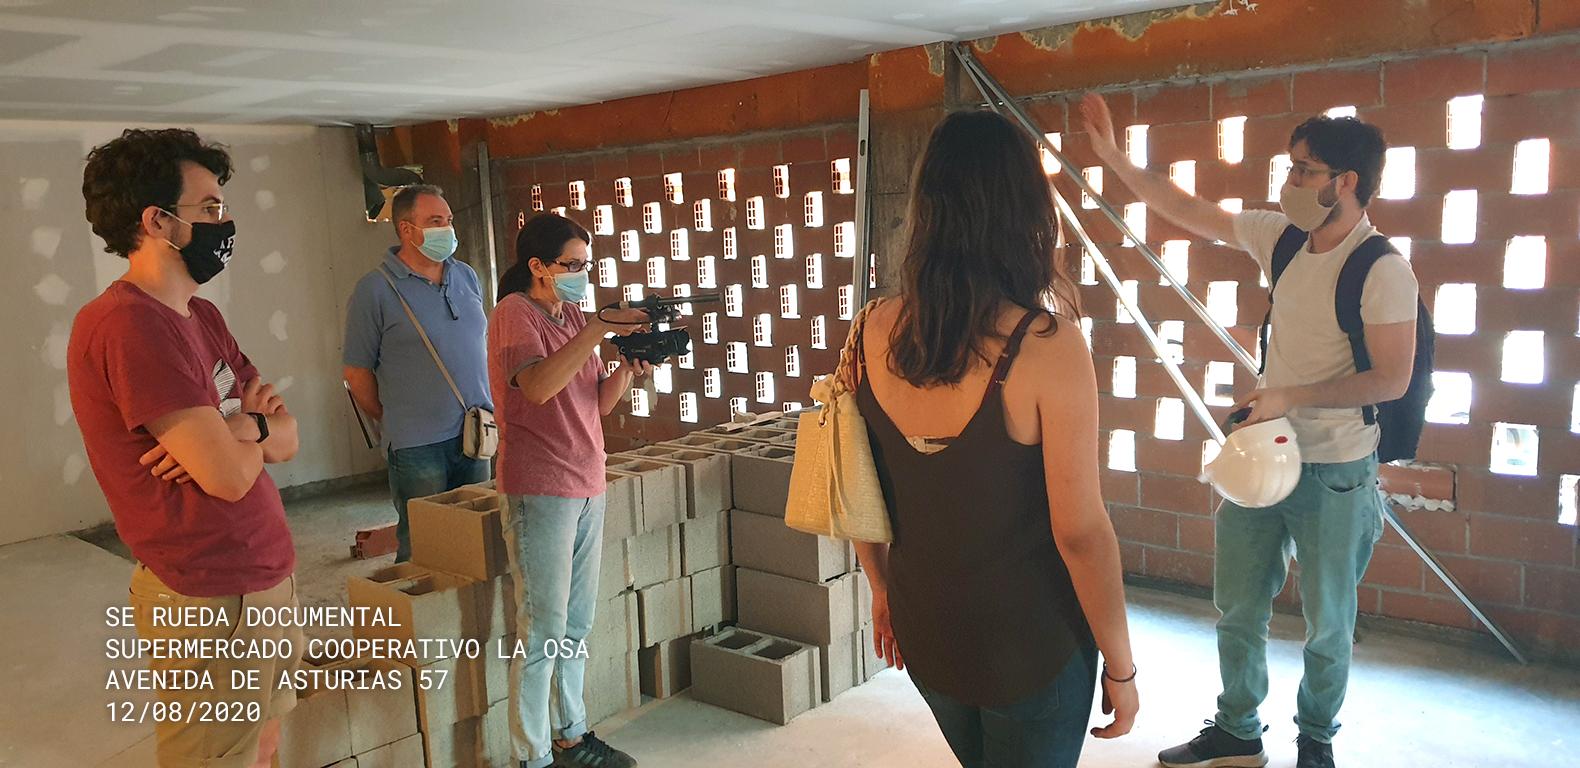 Grabación del documental de LA OSA en Avda. de Asturias 57